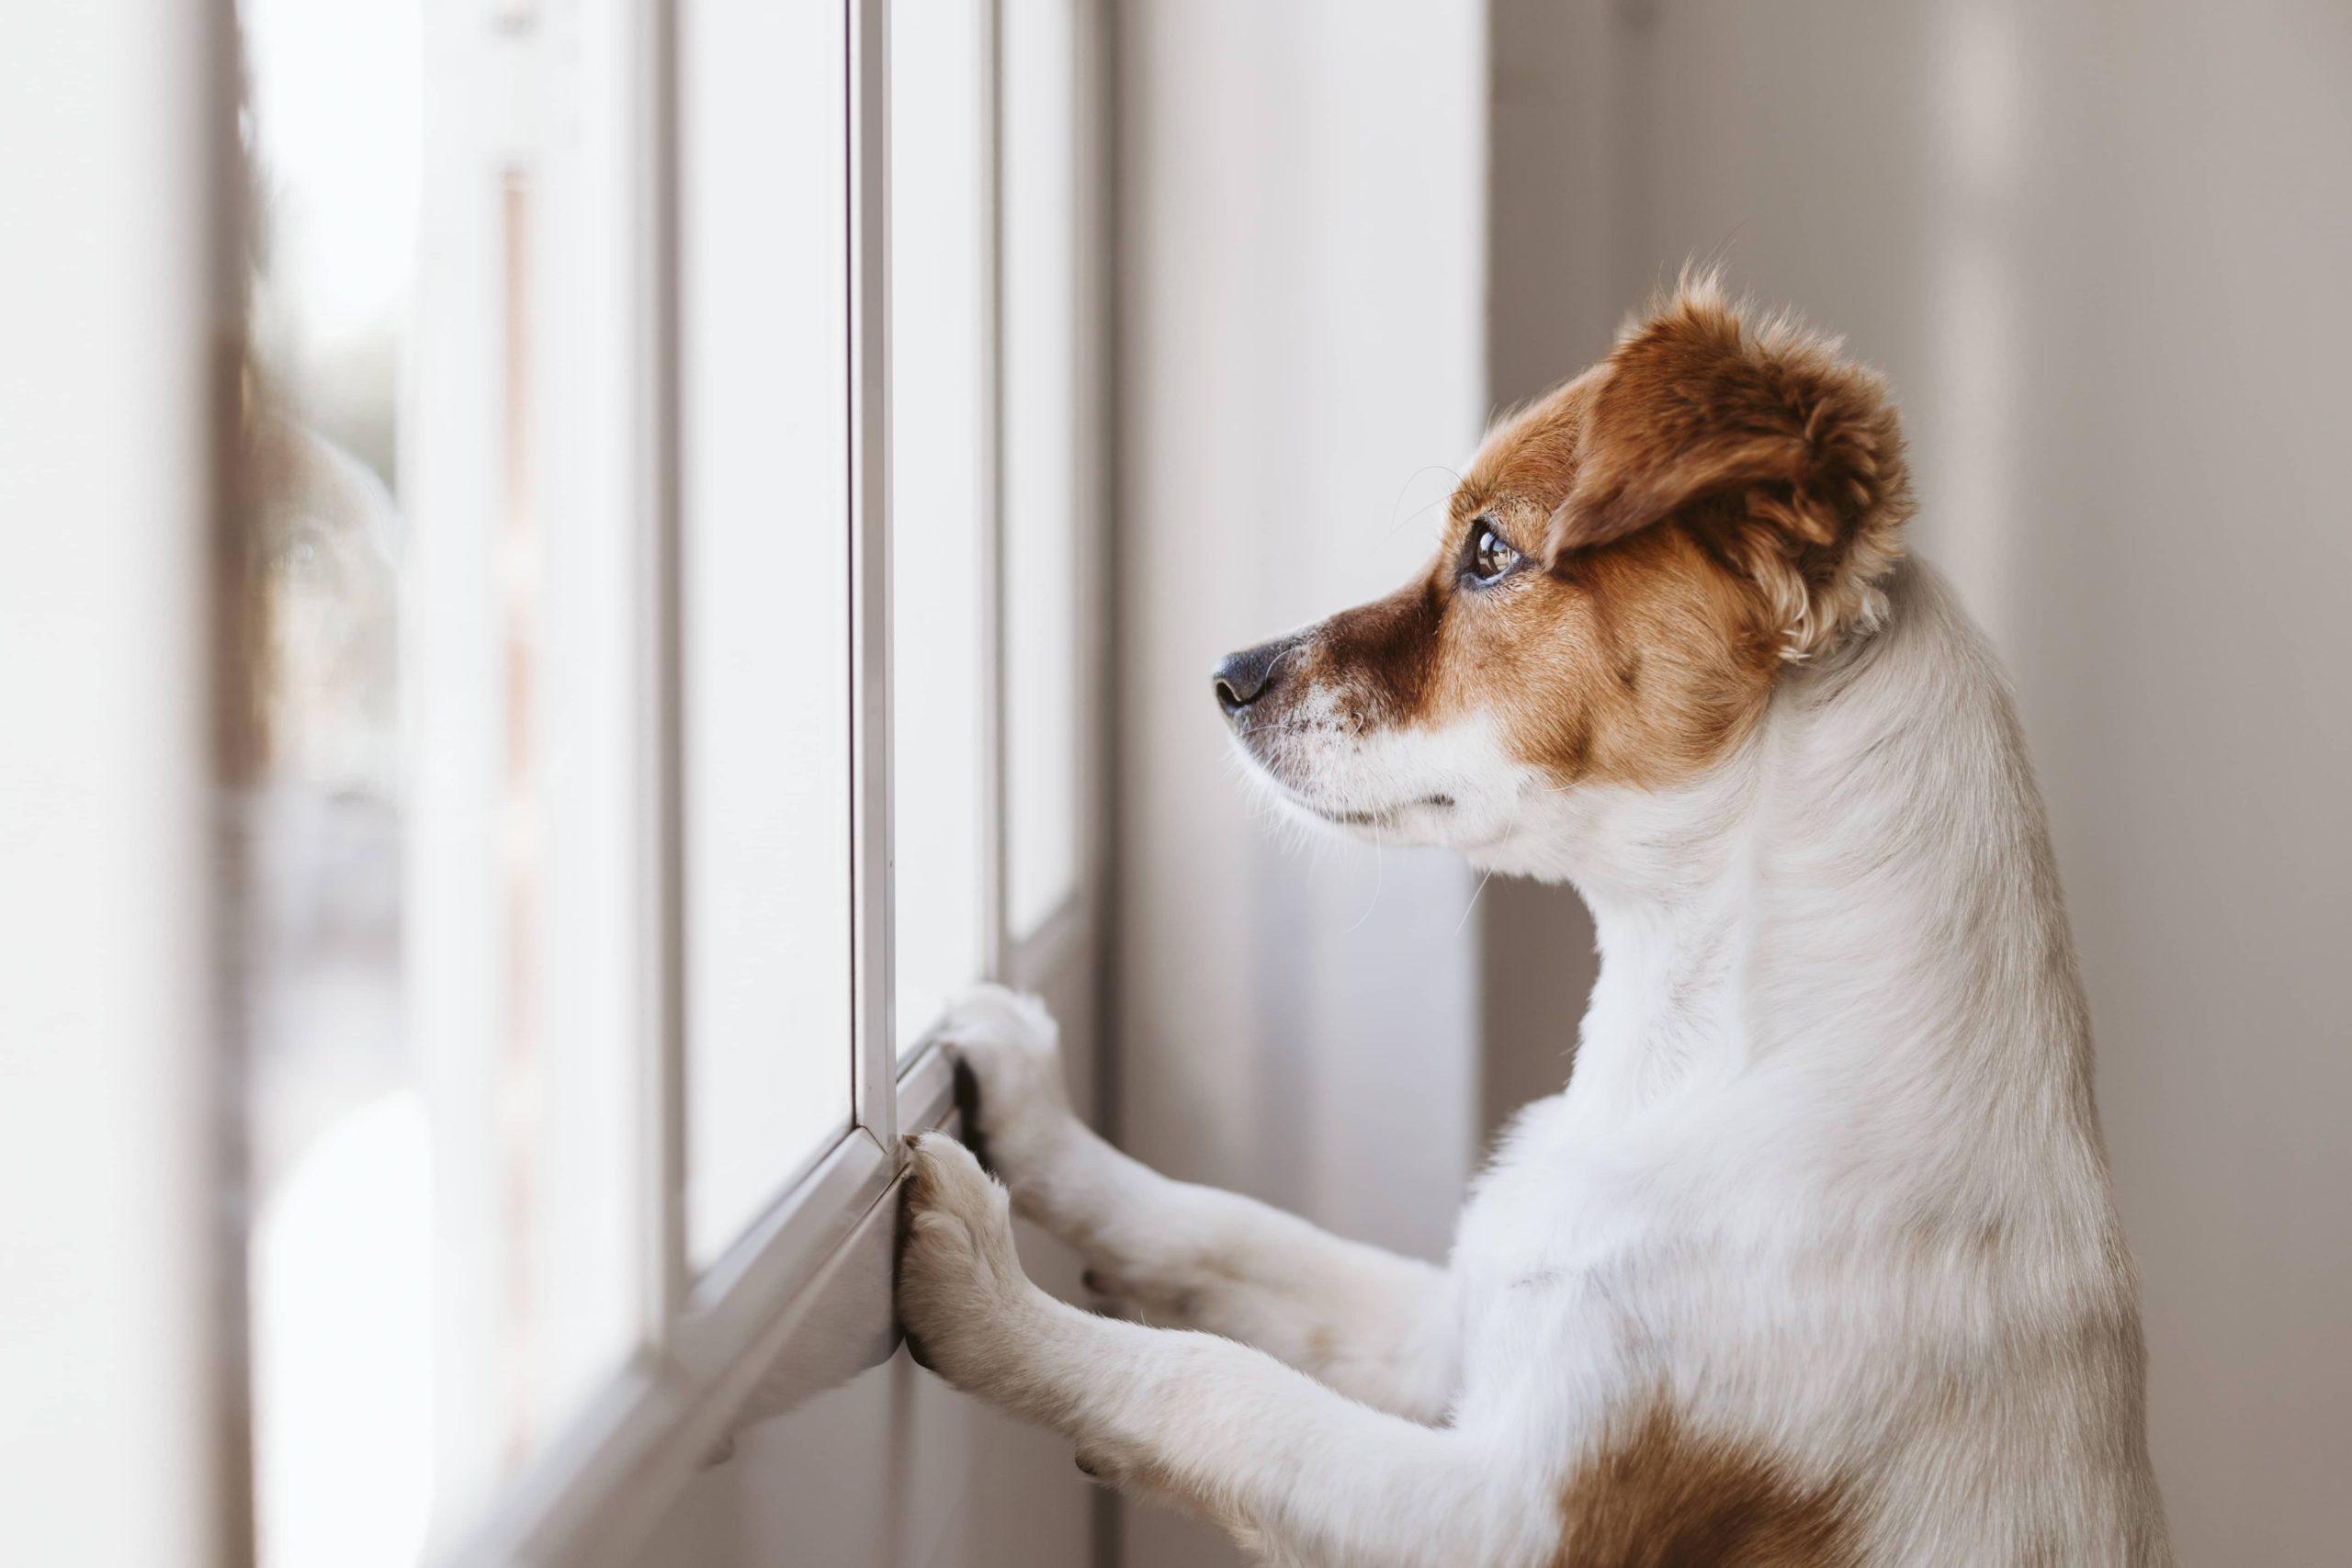 Los consejos más recientes sobre el COVID-19 y tus mascotas